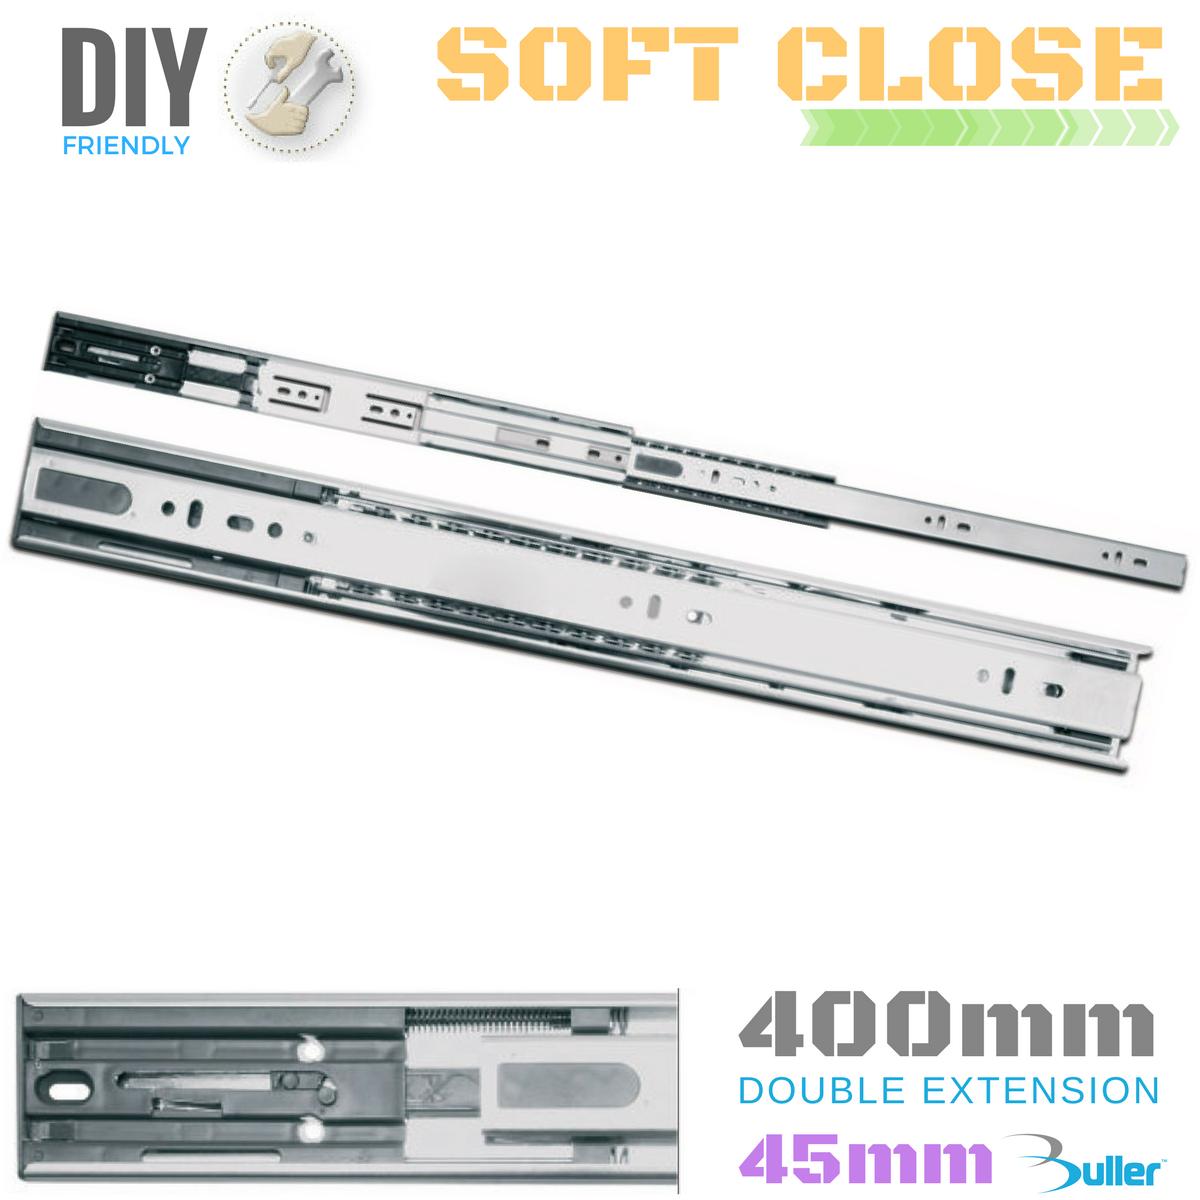 Drawer Runner Slide   Full Extension   30kg   Soft Close   45mm   Größe = 400mm